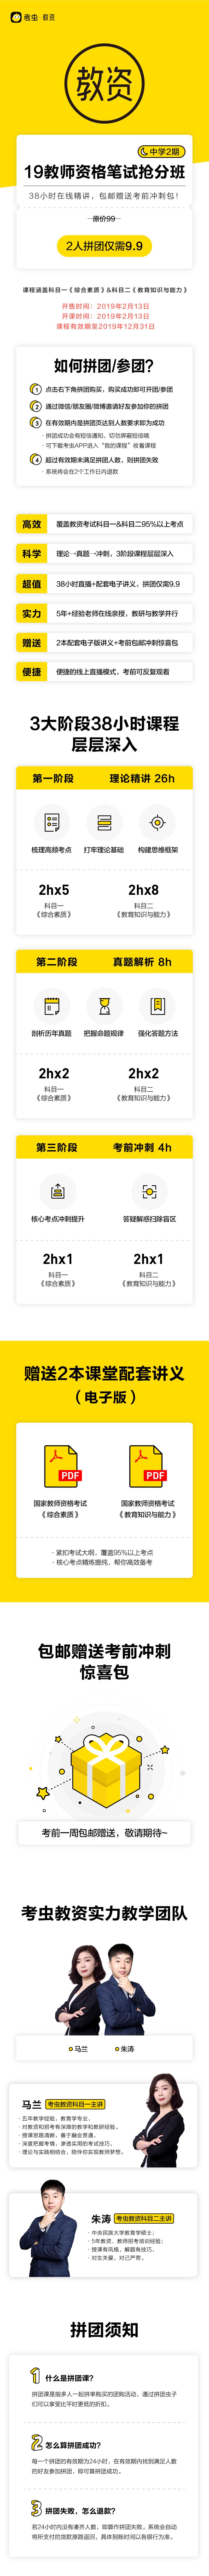 中学拼团课_详情图.png